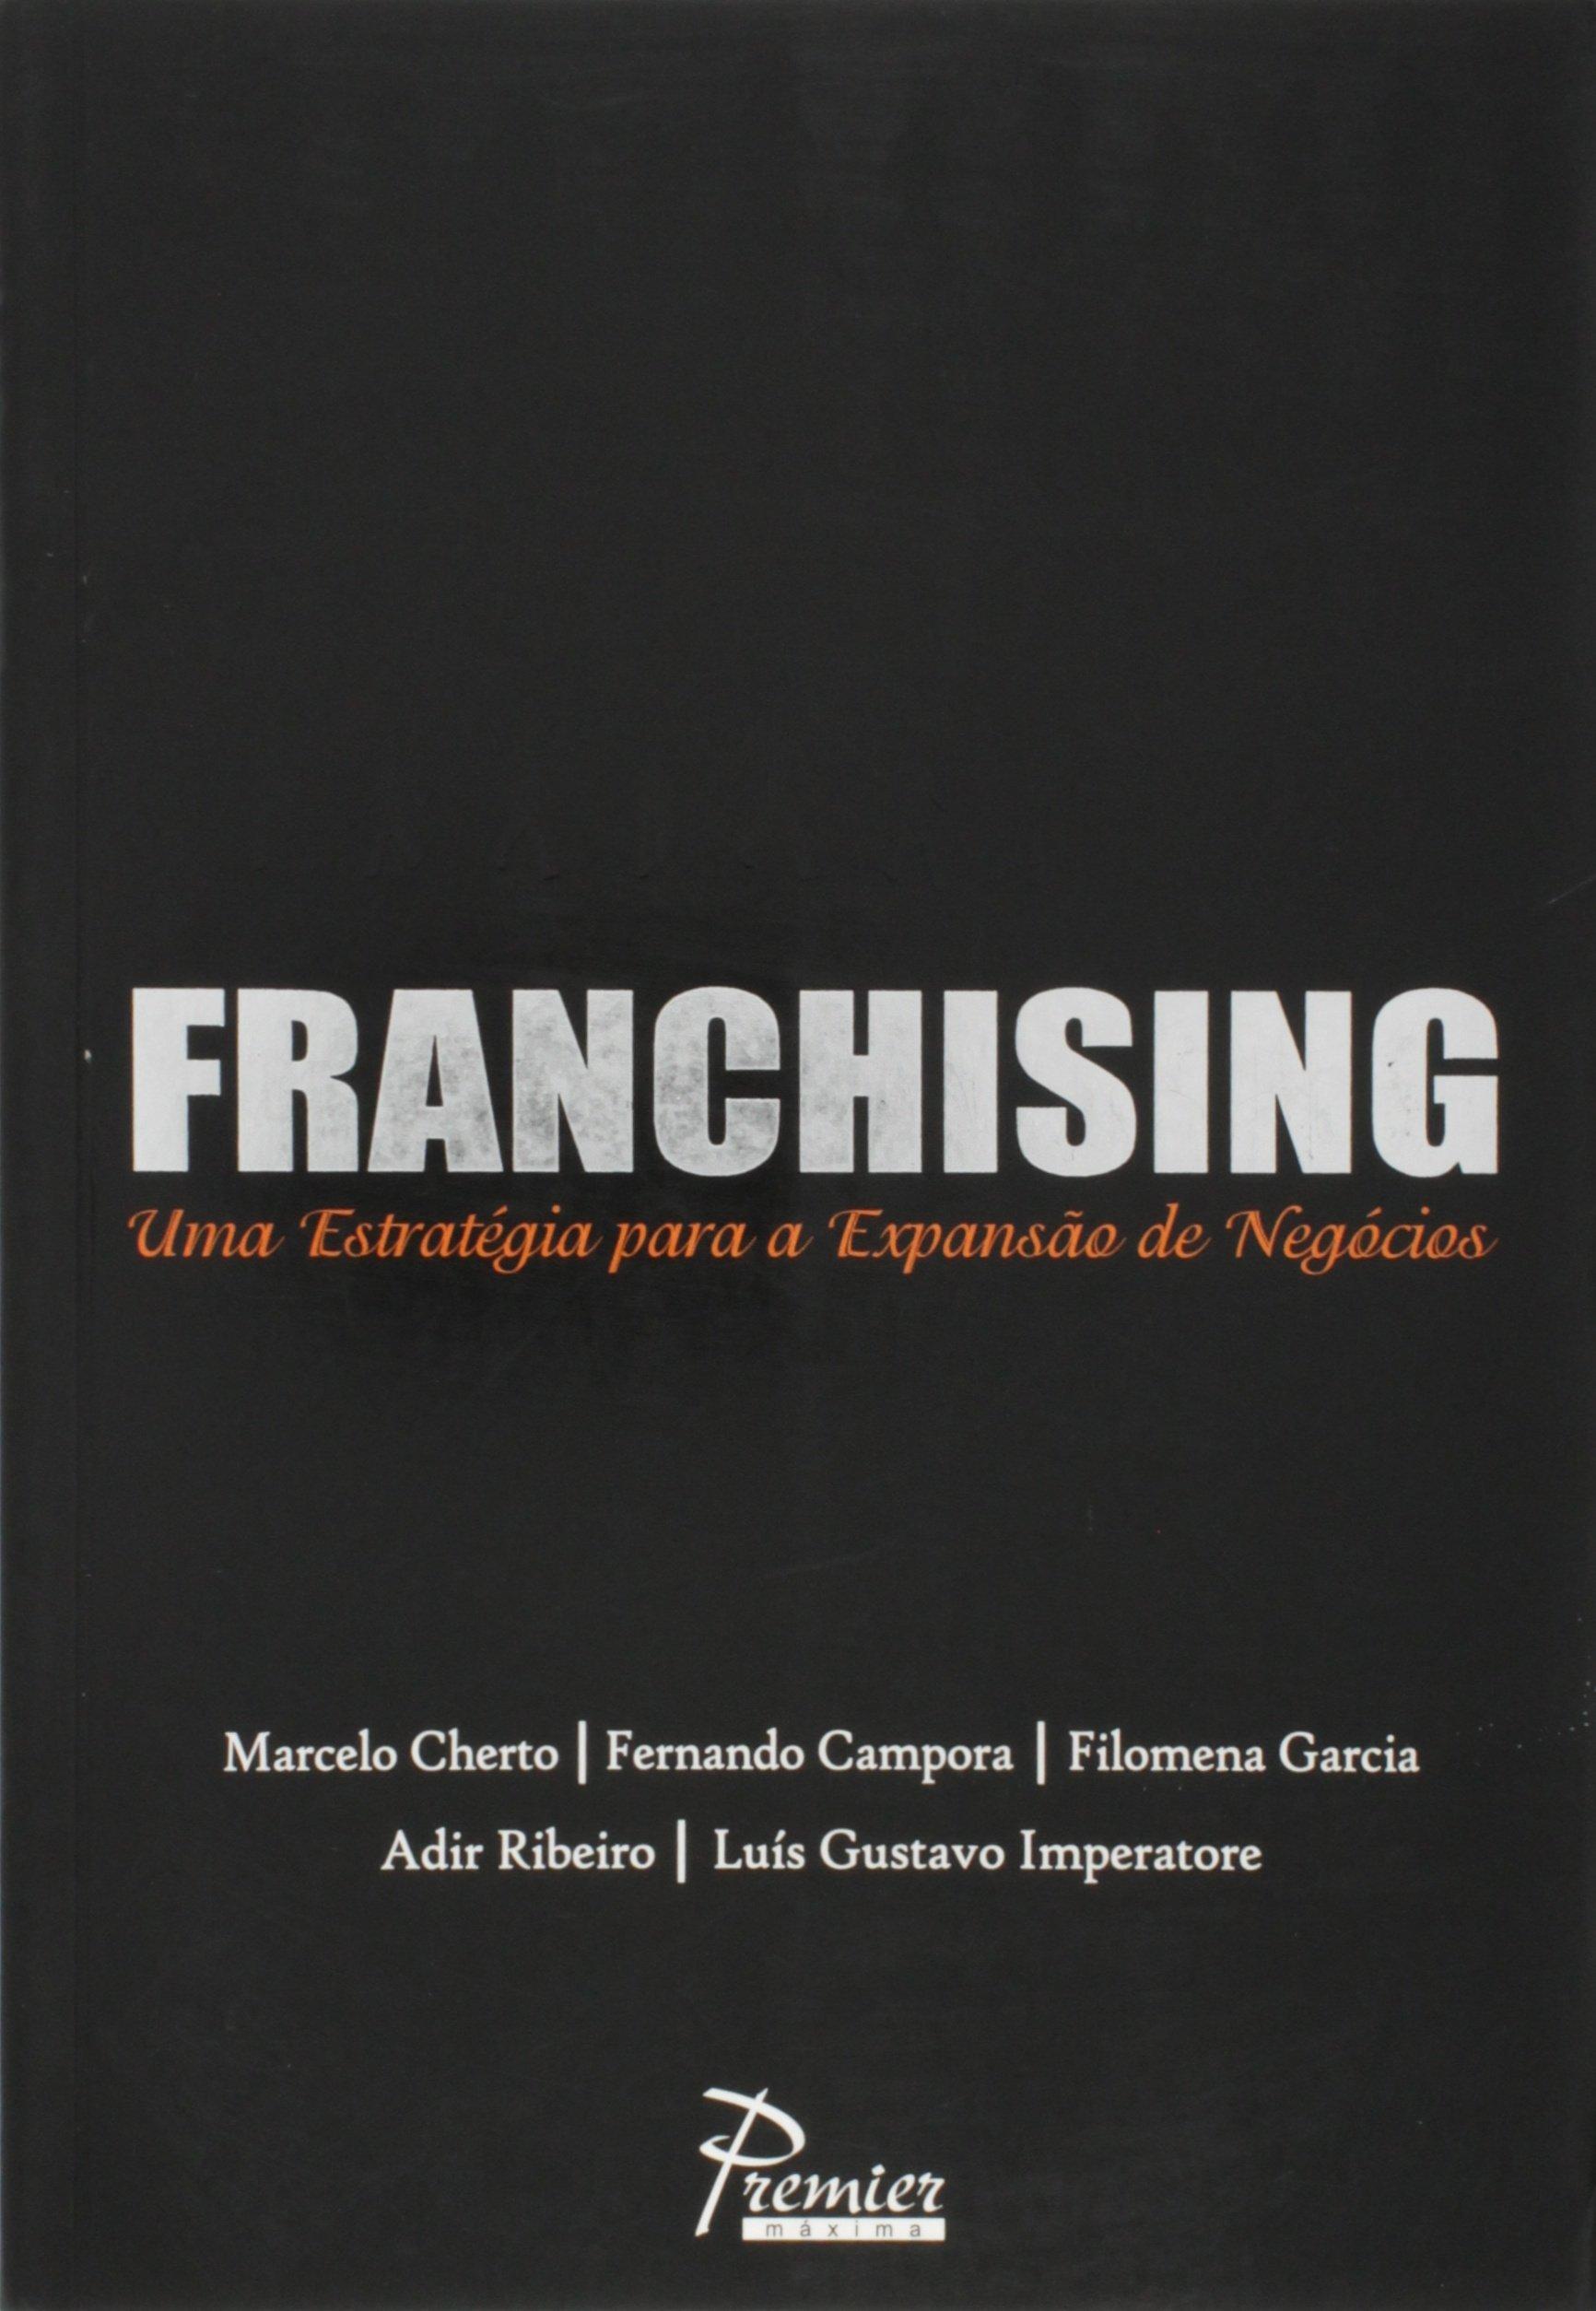 Resultado de imagem para franchising: uma estratégia de expansão negócio livro